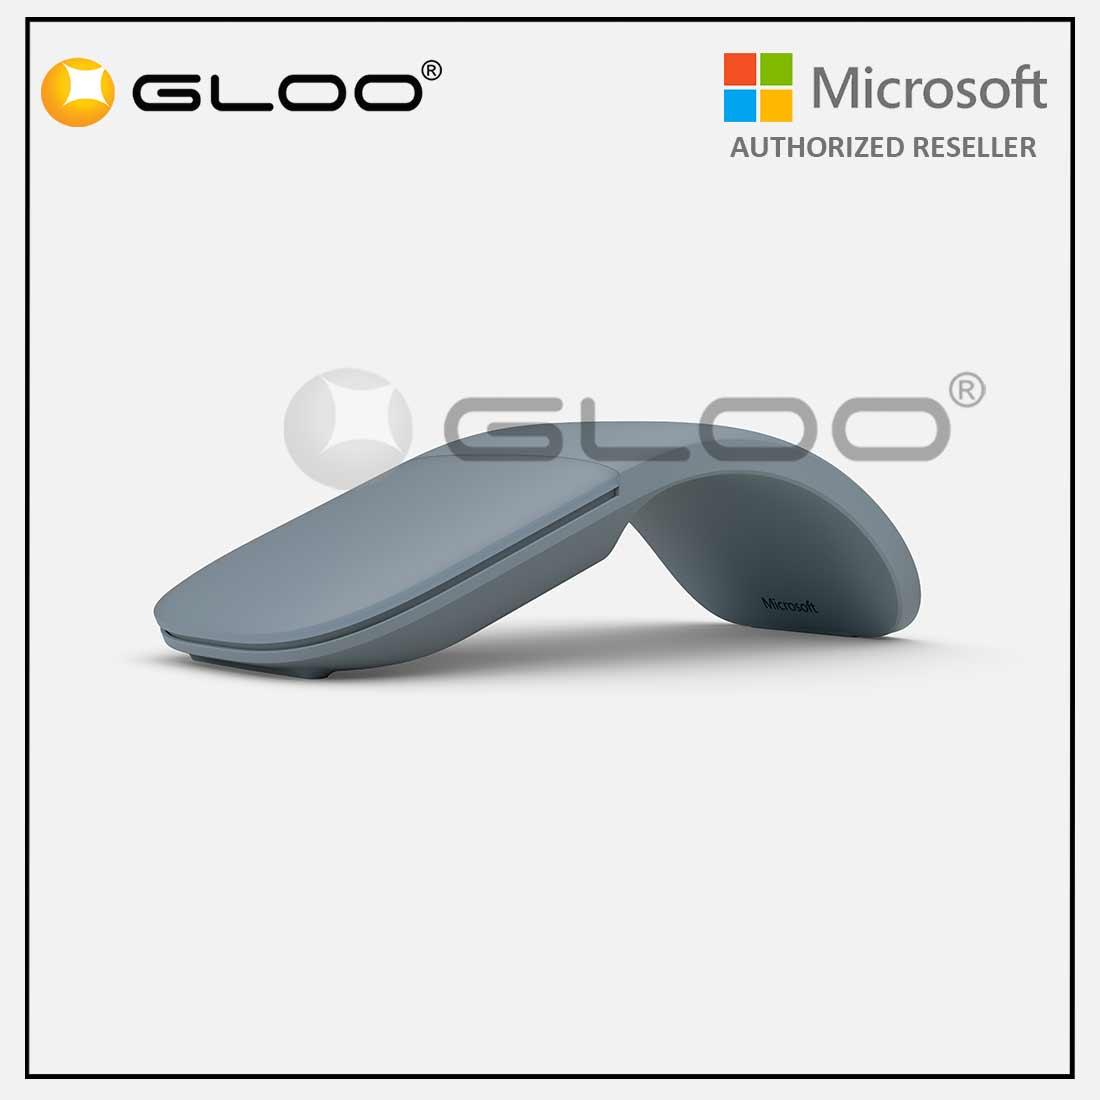 Microsoft Surface Arc Mouse Ice Blue - CZV-00069 [MOUMSOFCZV0069]